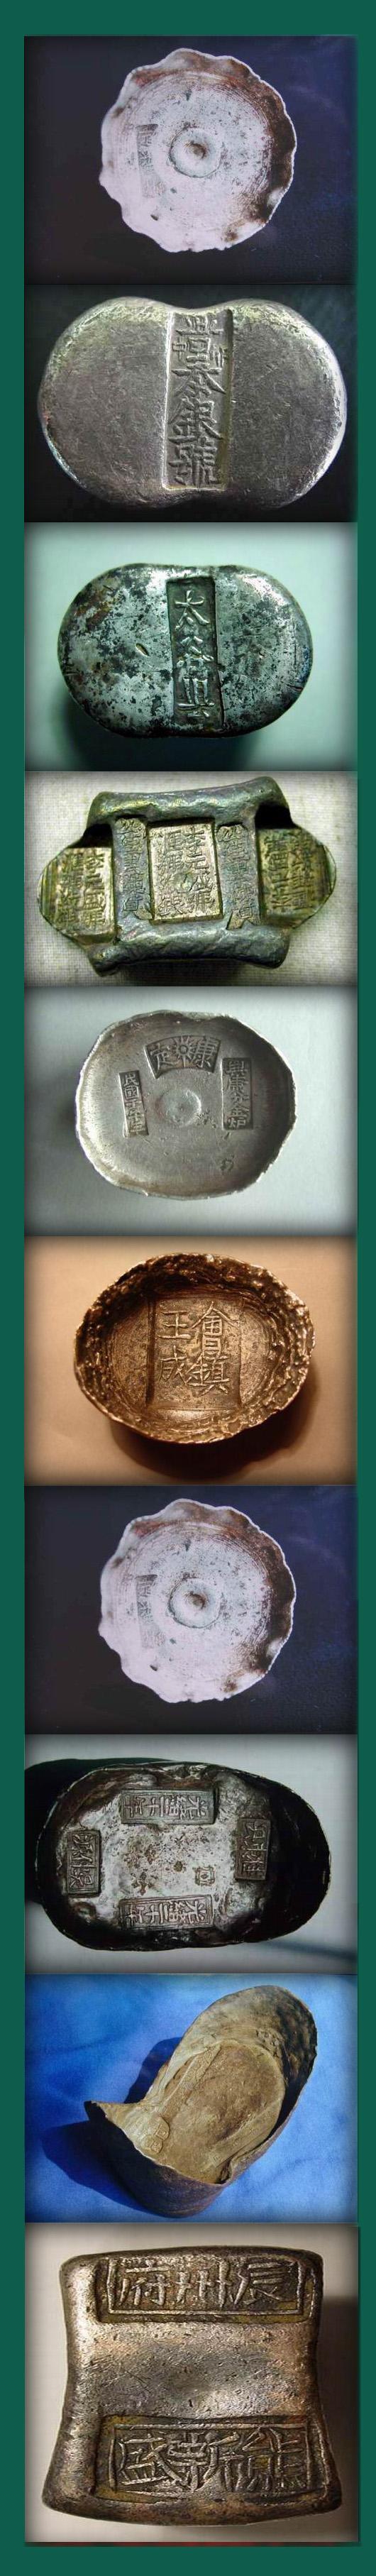 古代银锭鉴赏 - 理睬 - .